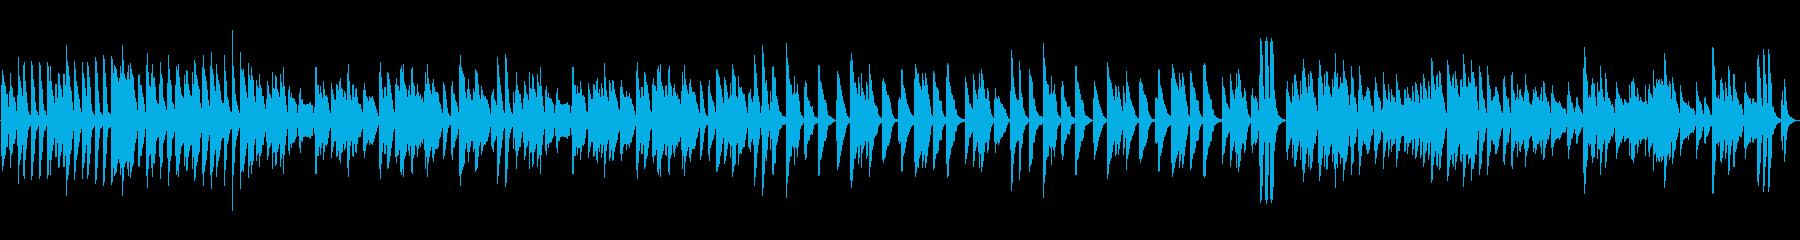 ピアノ 元気 明るい スキップ ループの再生済みの波形